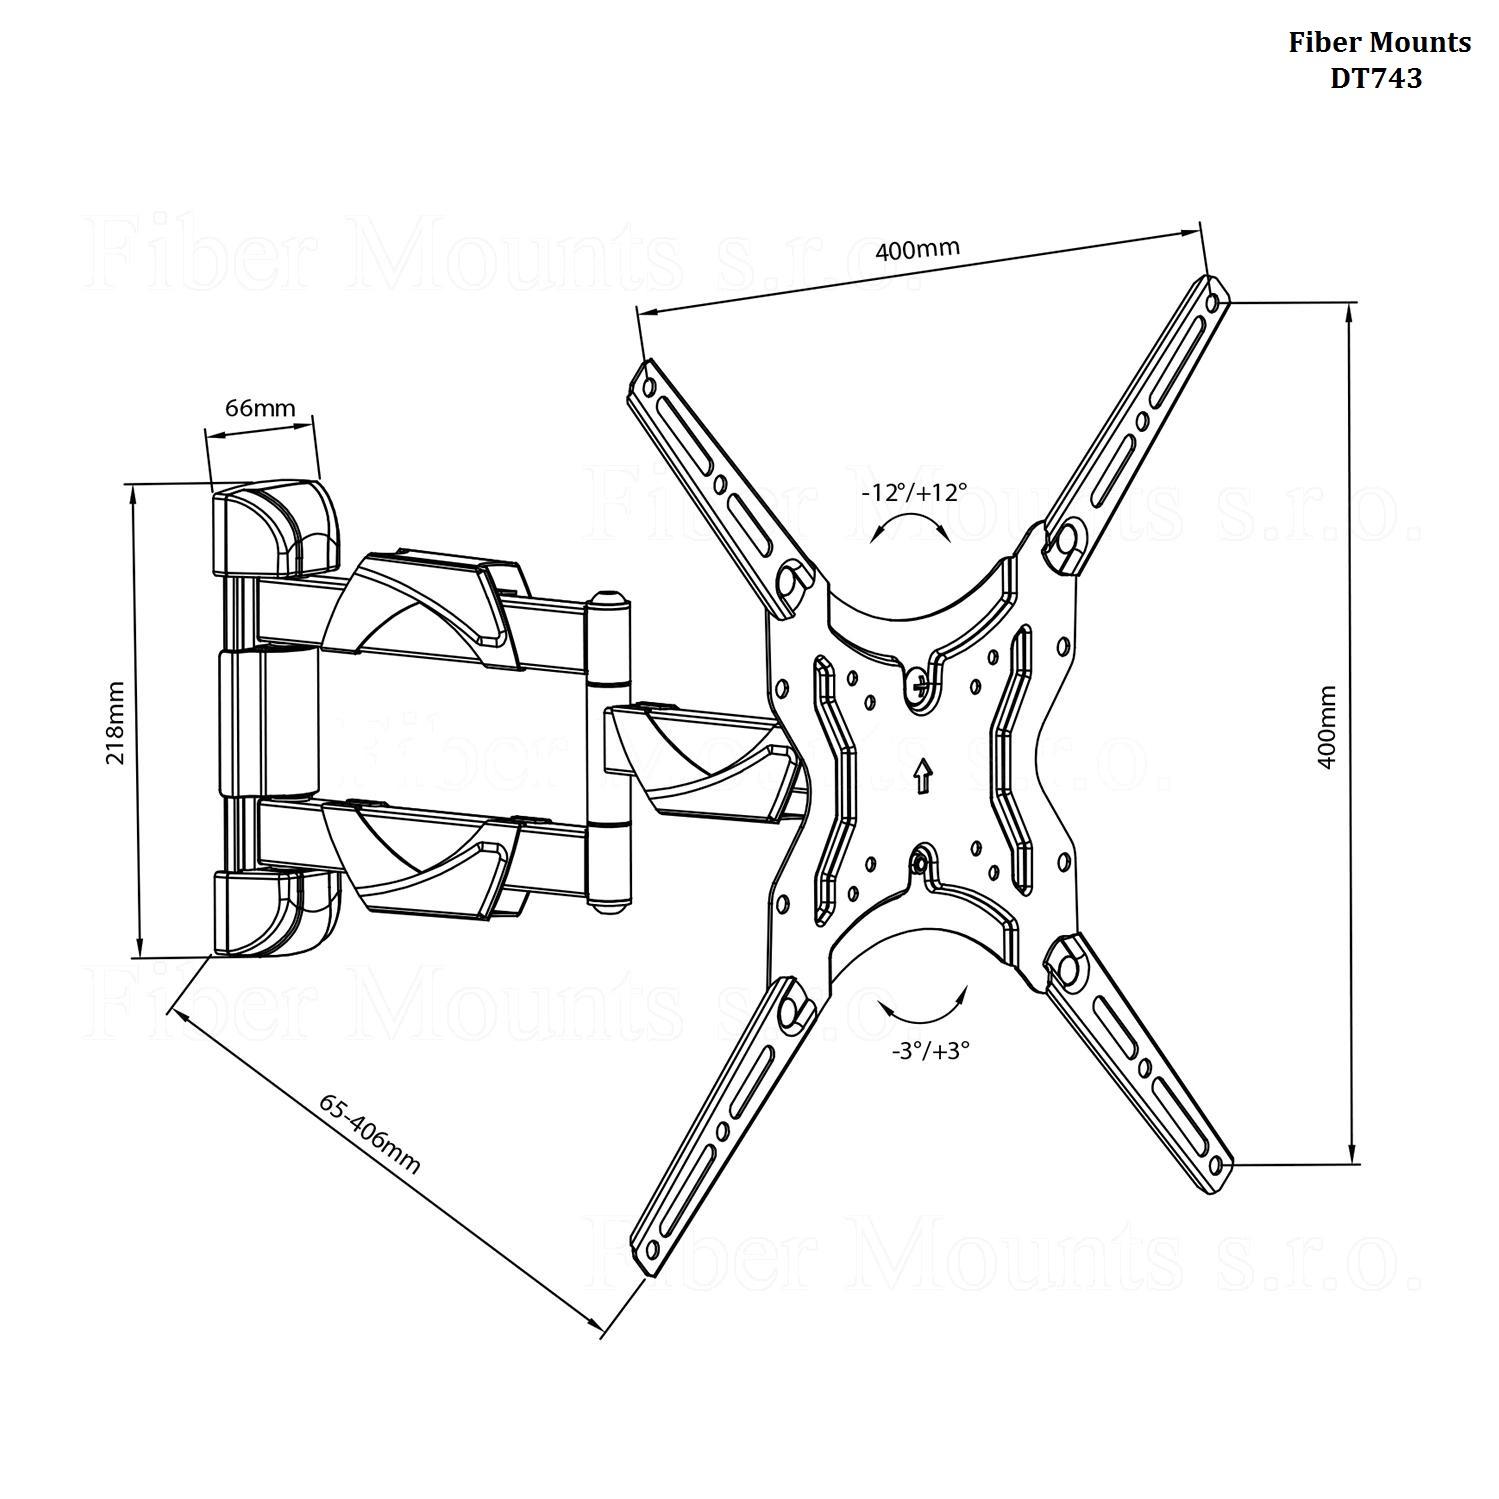 Držák na ploché televize - Fiber Mounts DT743